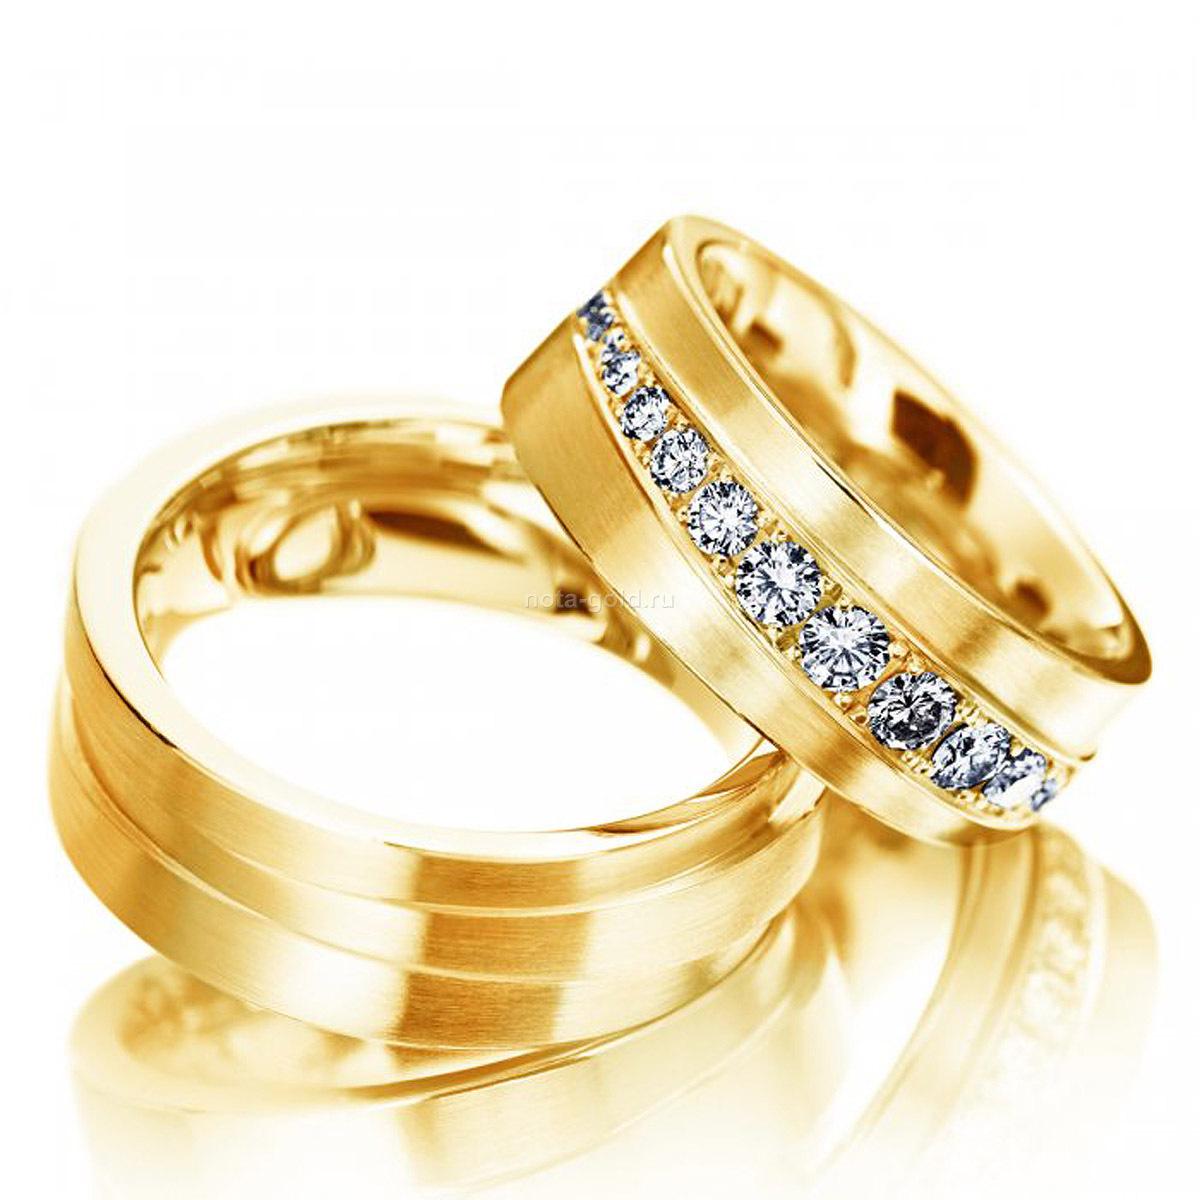 серебряные кольца мужские каталог